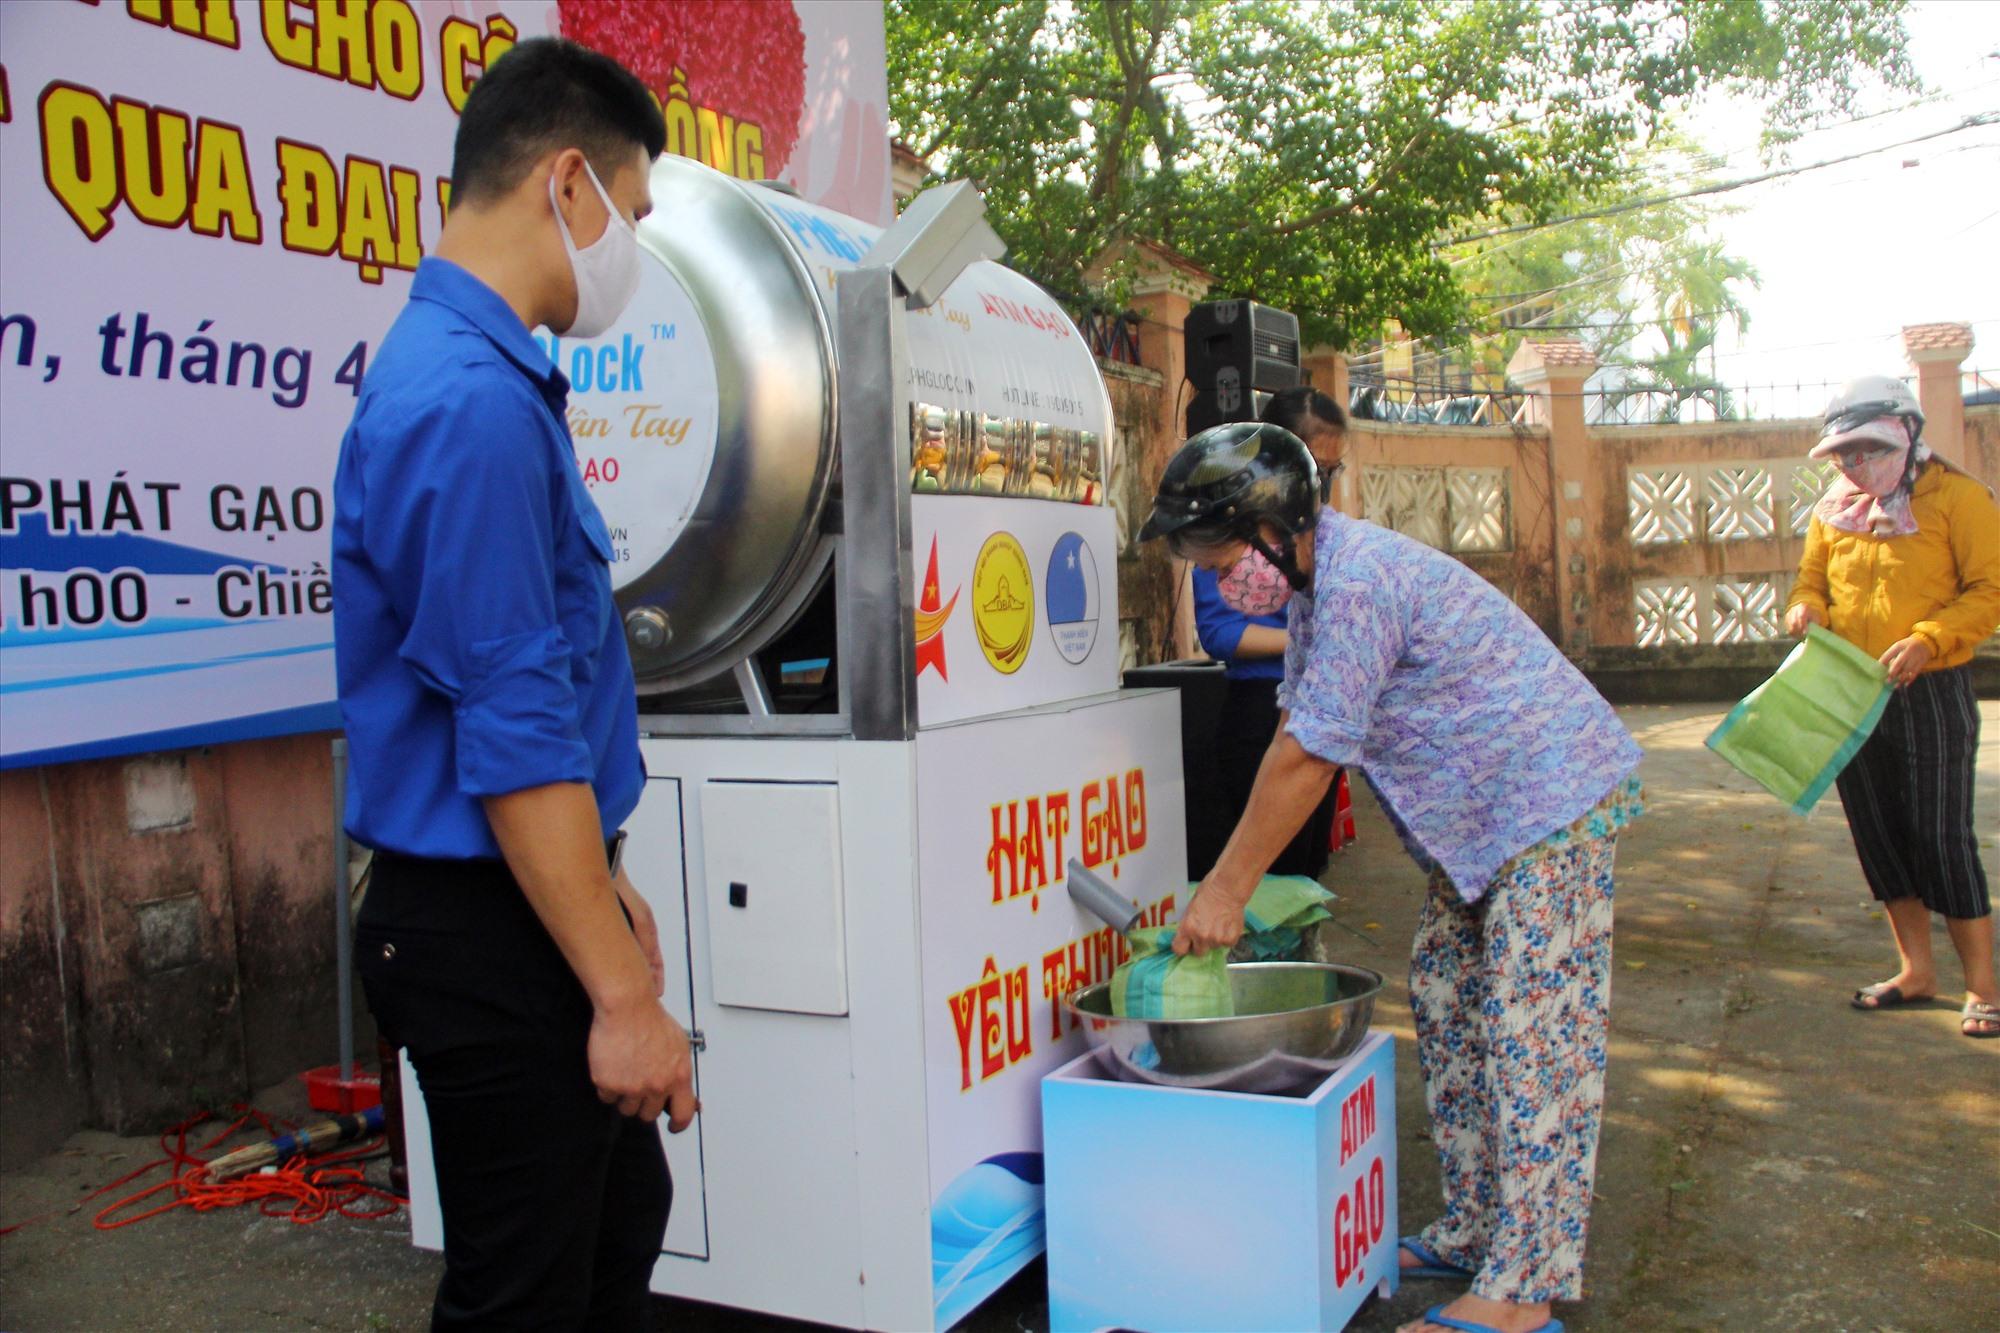 ATM gạo ở Quảng Nam - một cách chia sẻ nhân văn. Ảnh: THÀNH CÔNG